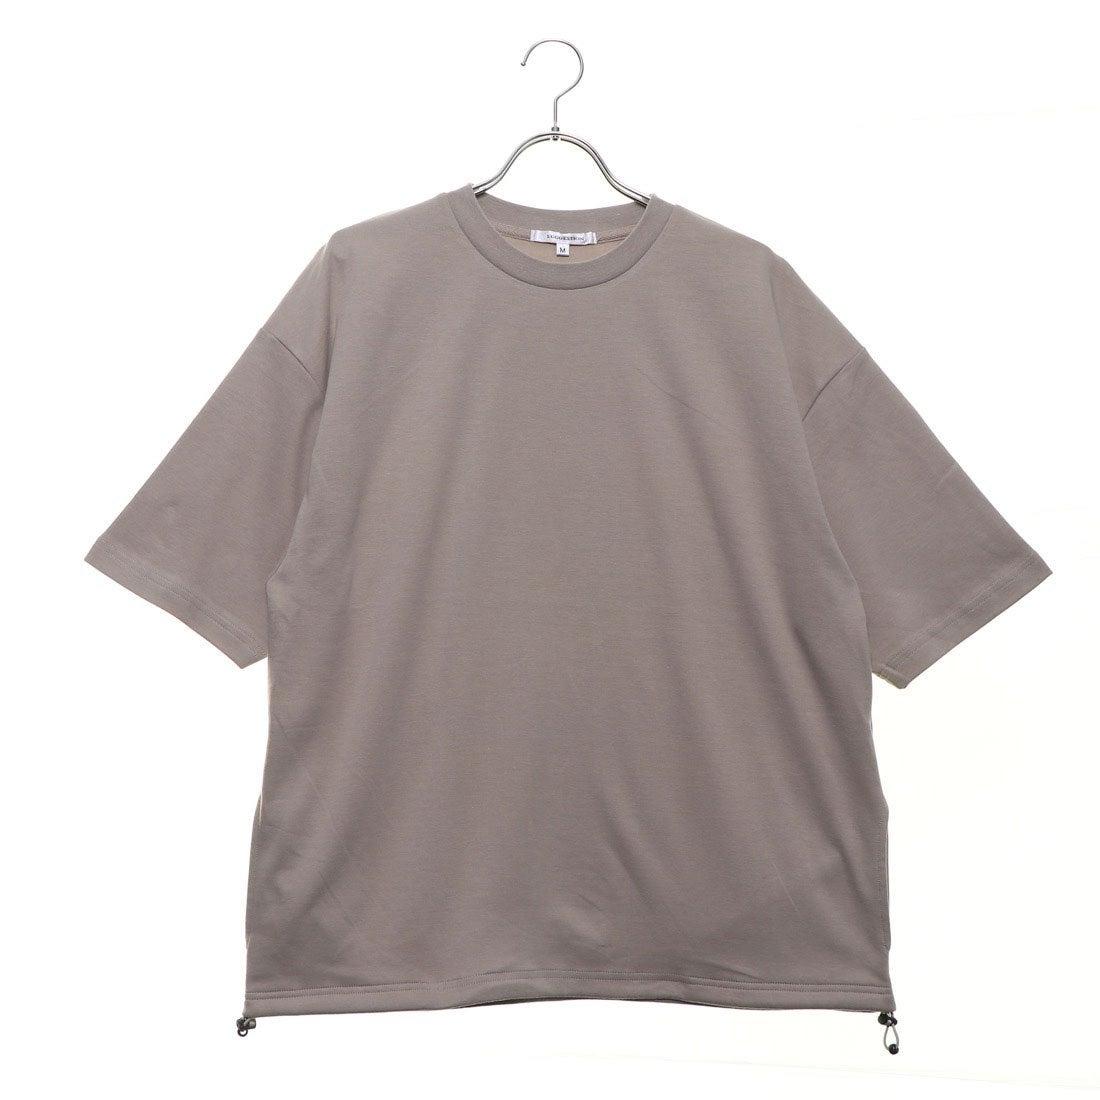 ロコンド 靴とファッションの通販サイトスタイルブロック STYLEBLOCK 裾スピンドル5分袖ビッグTシャツ (ベージュ)